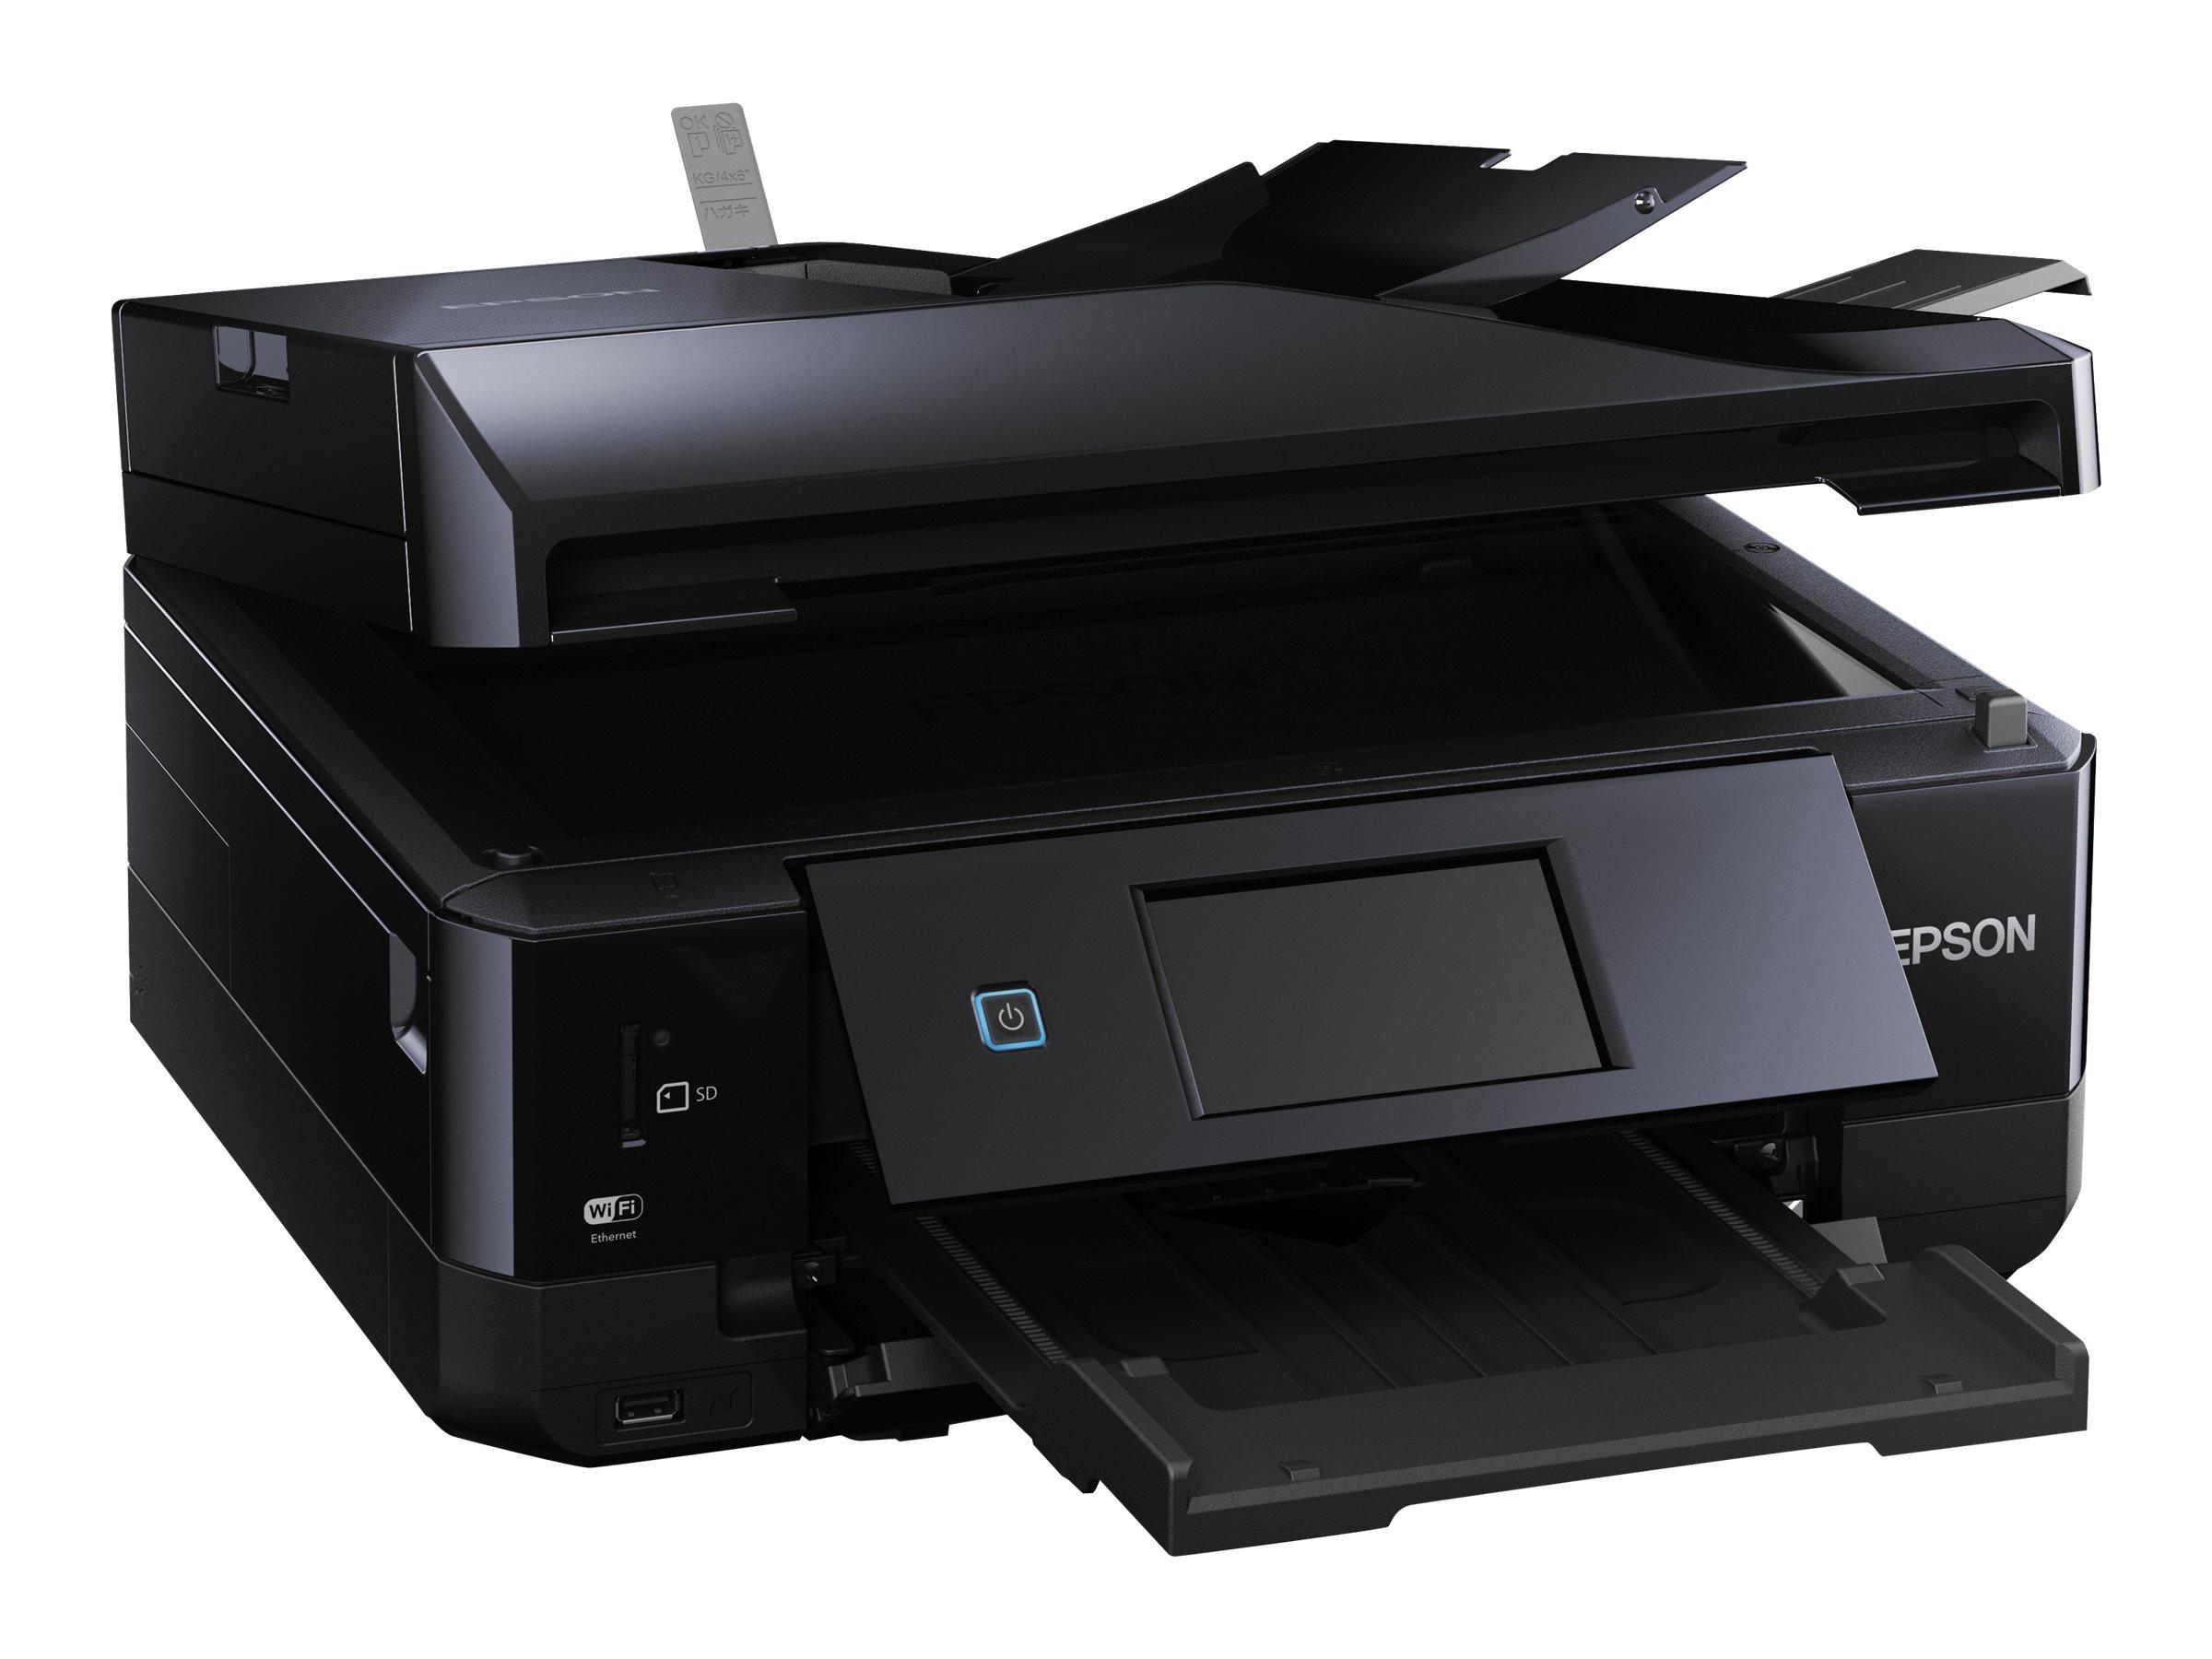 Epson Expression Premium XP-830 - Multifunktionsdrucker - Farbe - Tintenstrahl - A4/Legal (Medien) - bis zu 32 Seiten/Min. (Druc